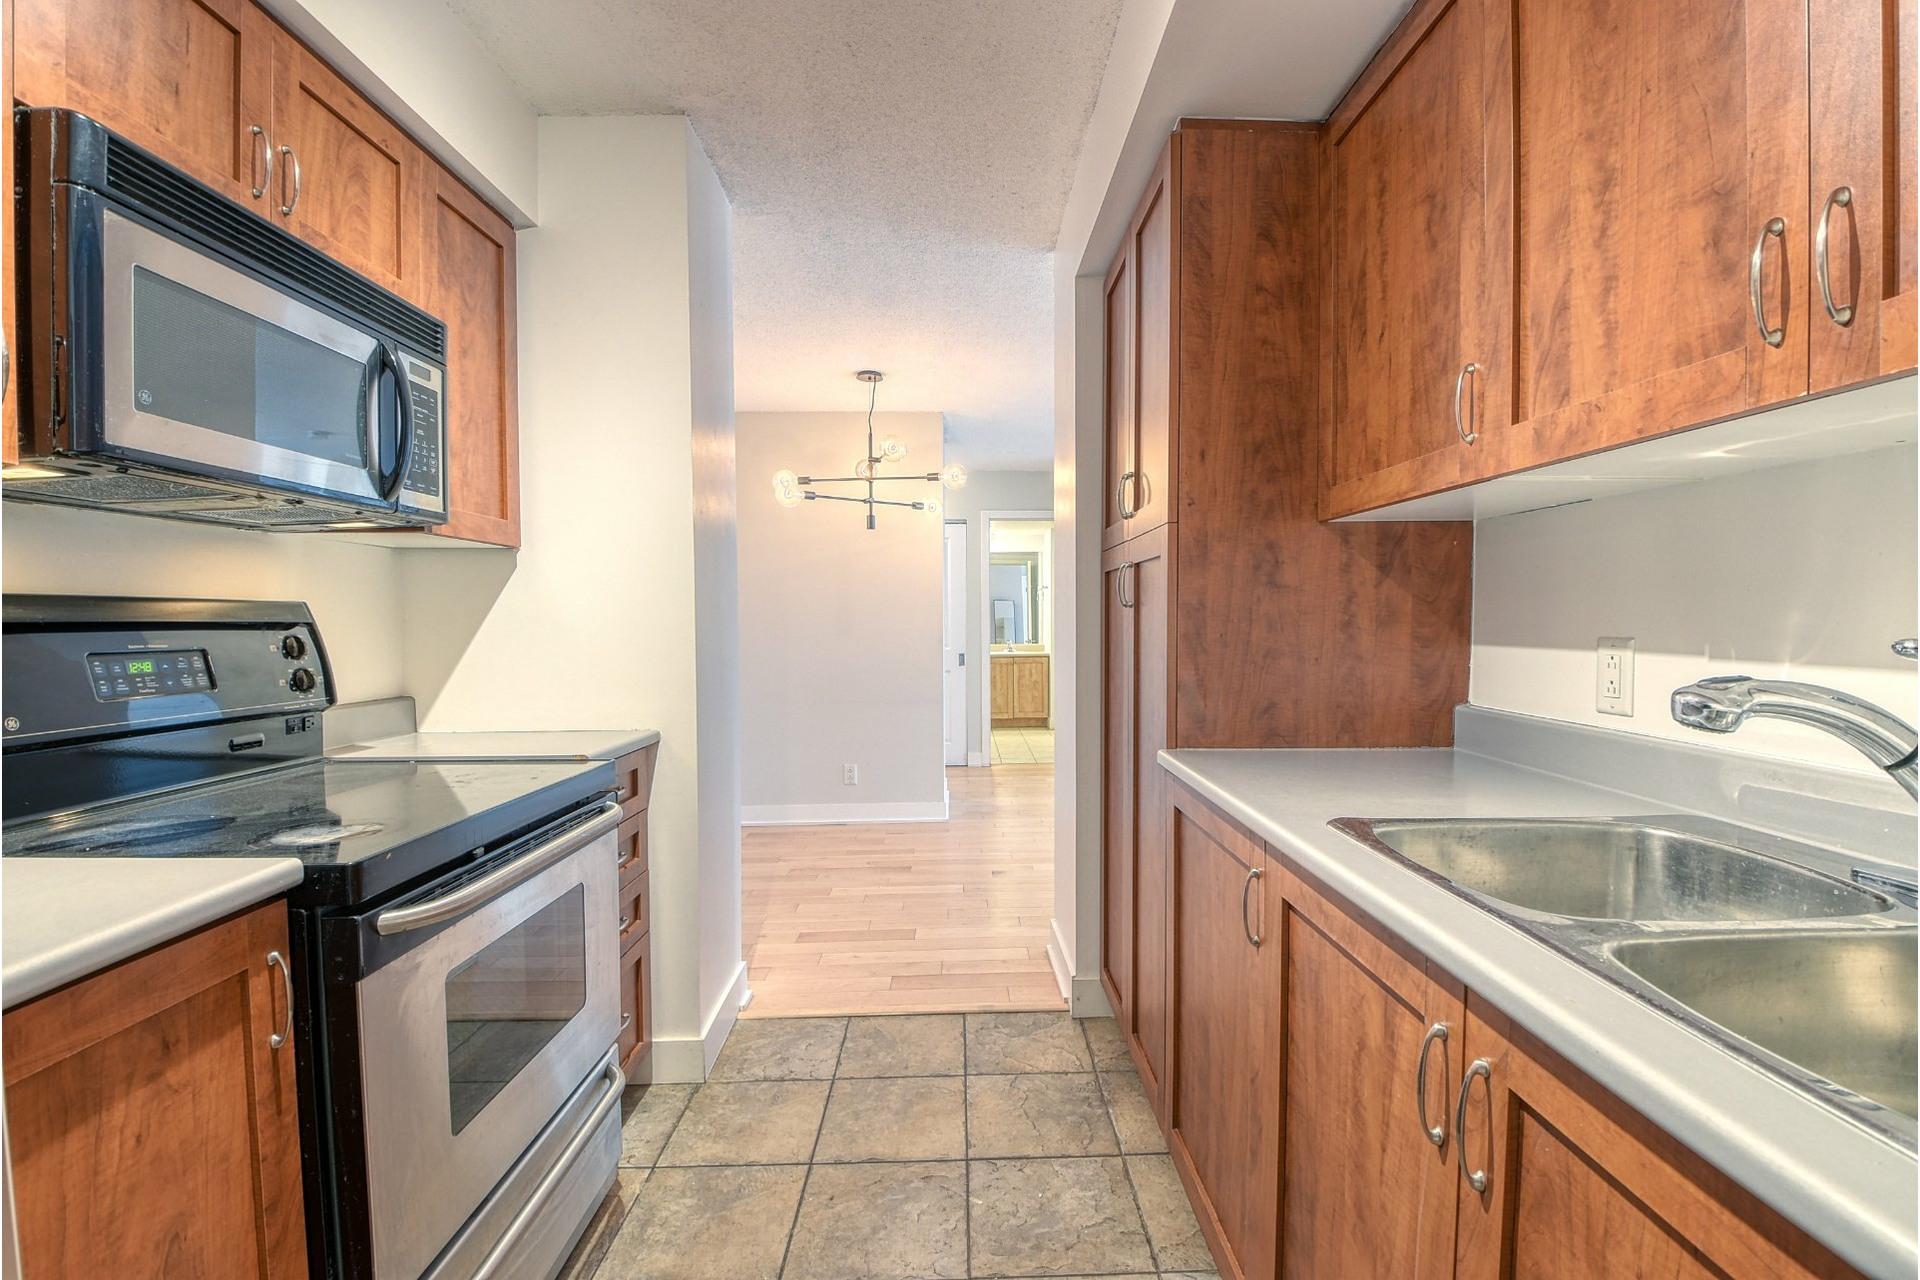 image 8 - Appartement À louer Ville-Marie Montréal  - 4 pièces